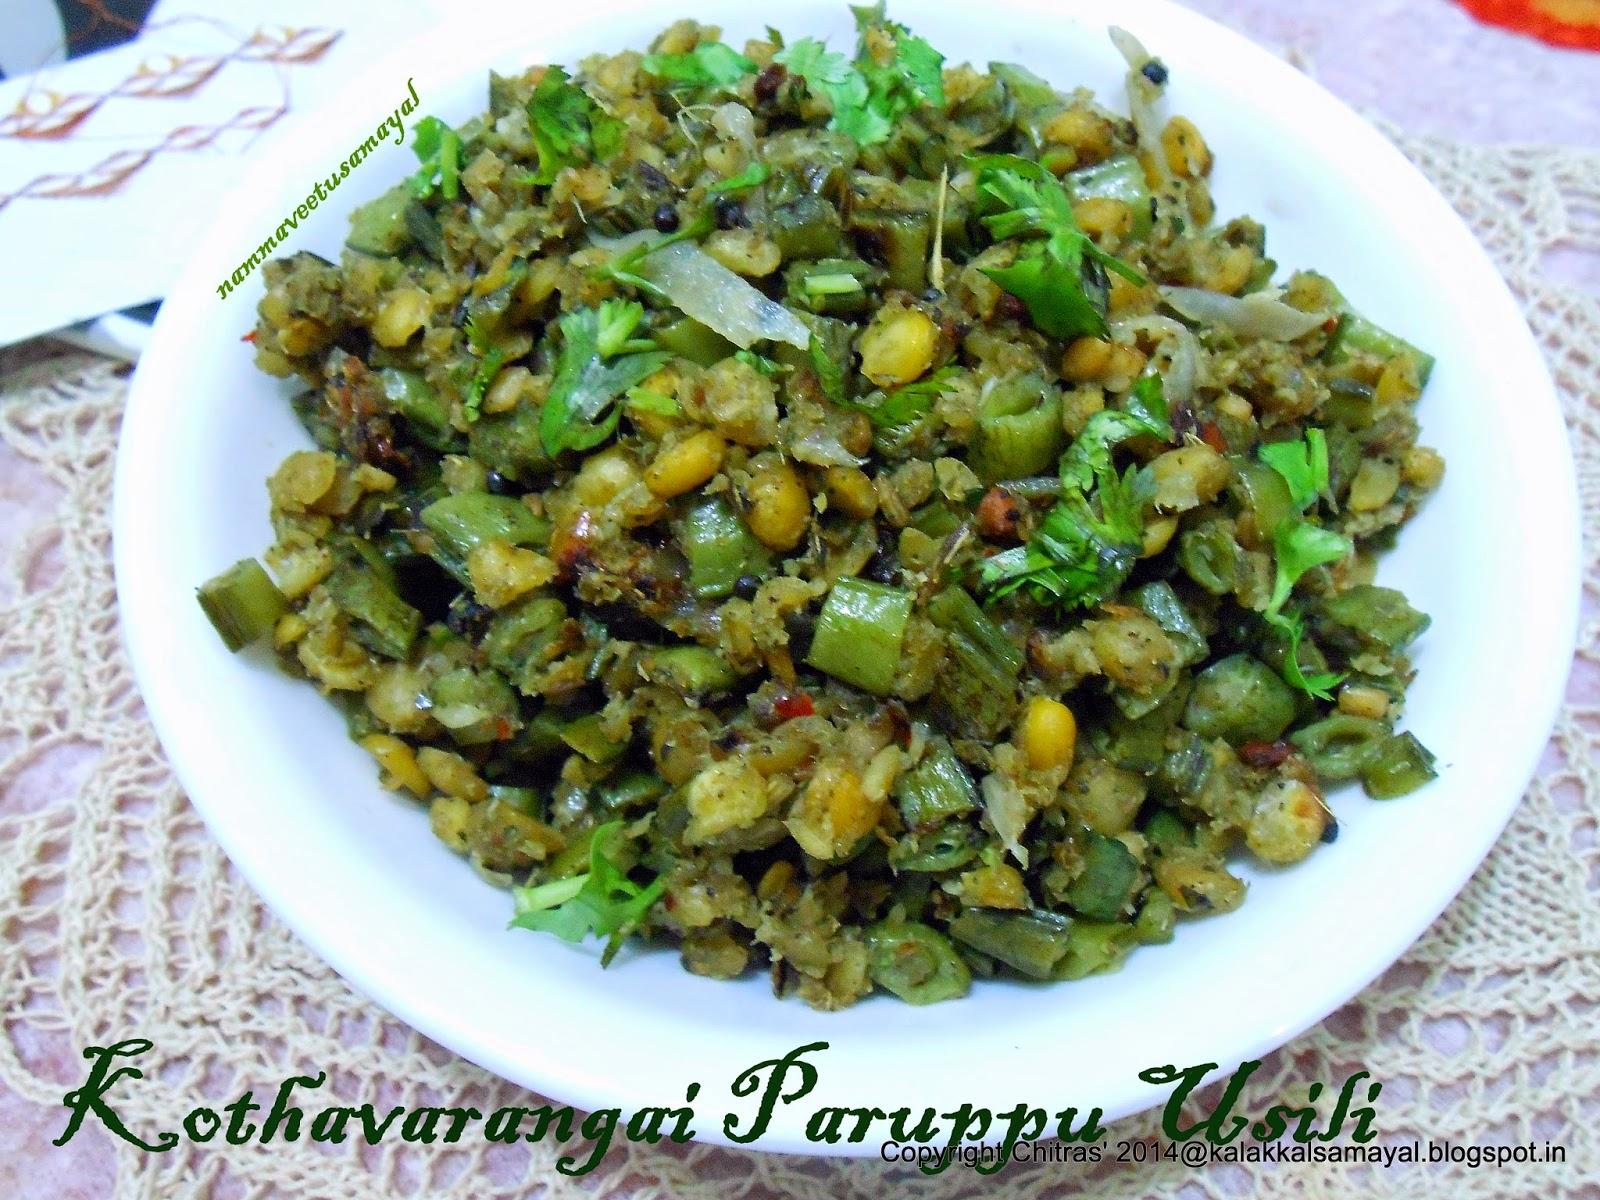 கொத்தவரங்காய் பருப்புசிலி [ Cluster Beans Lentil Masala Curry ]